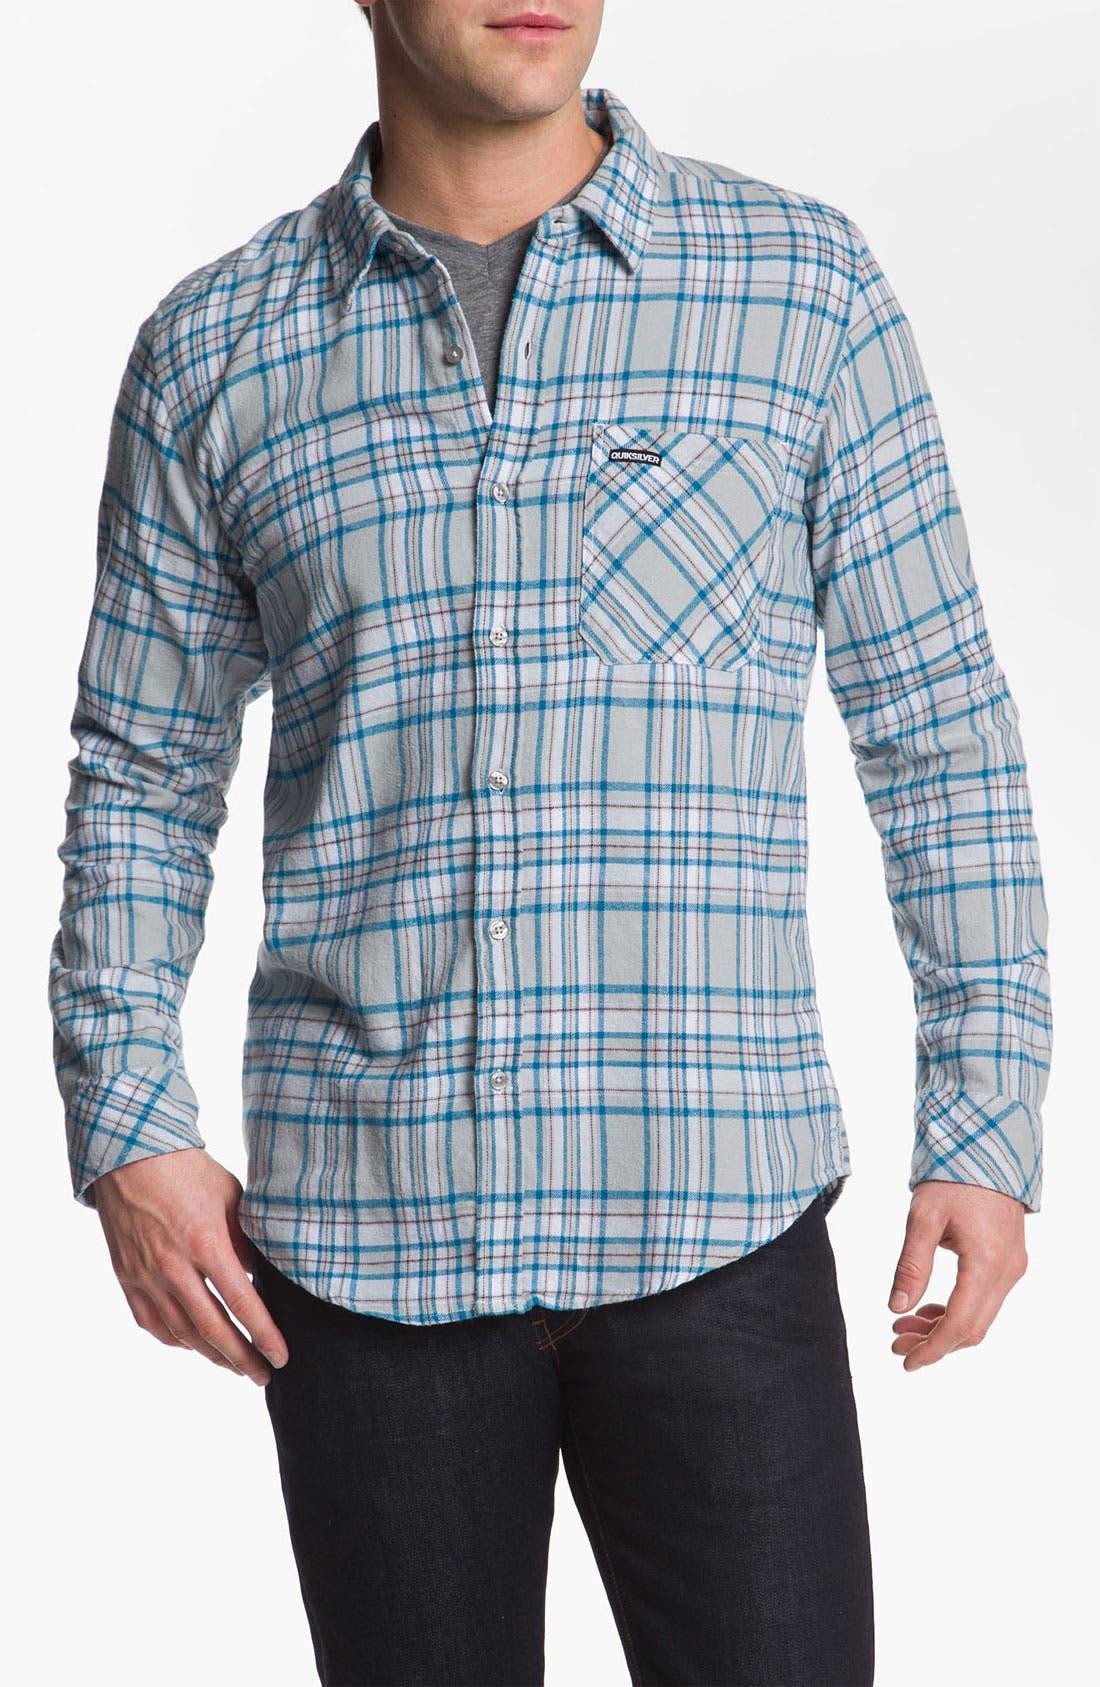 Main Image - Quiksilver 'Bunga Bunga' Cotton Flannel Shirt